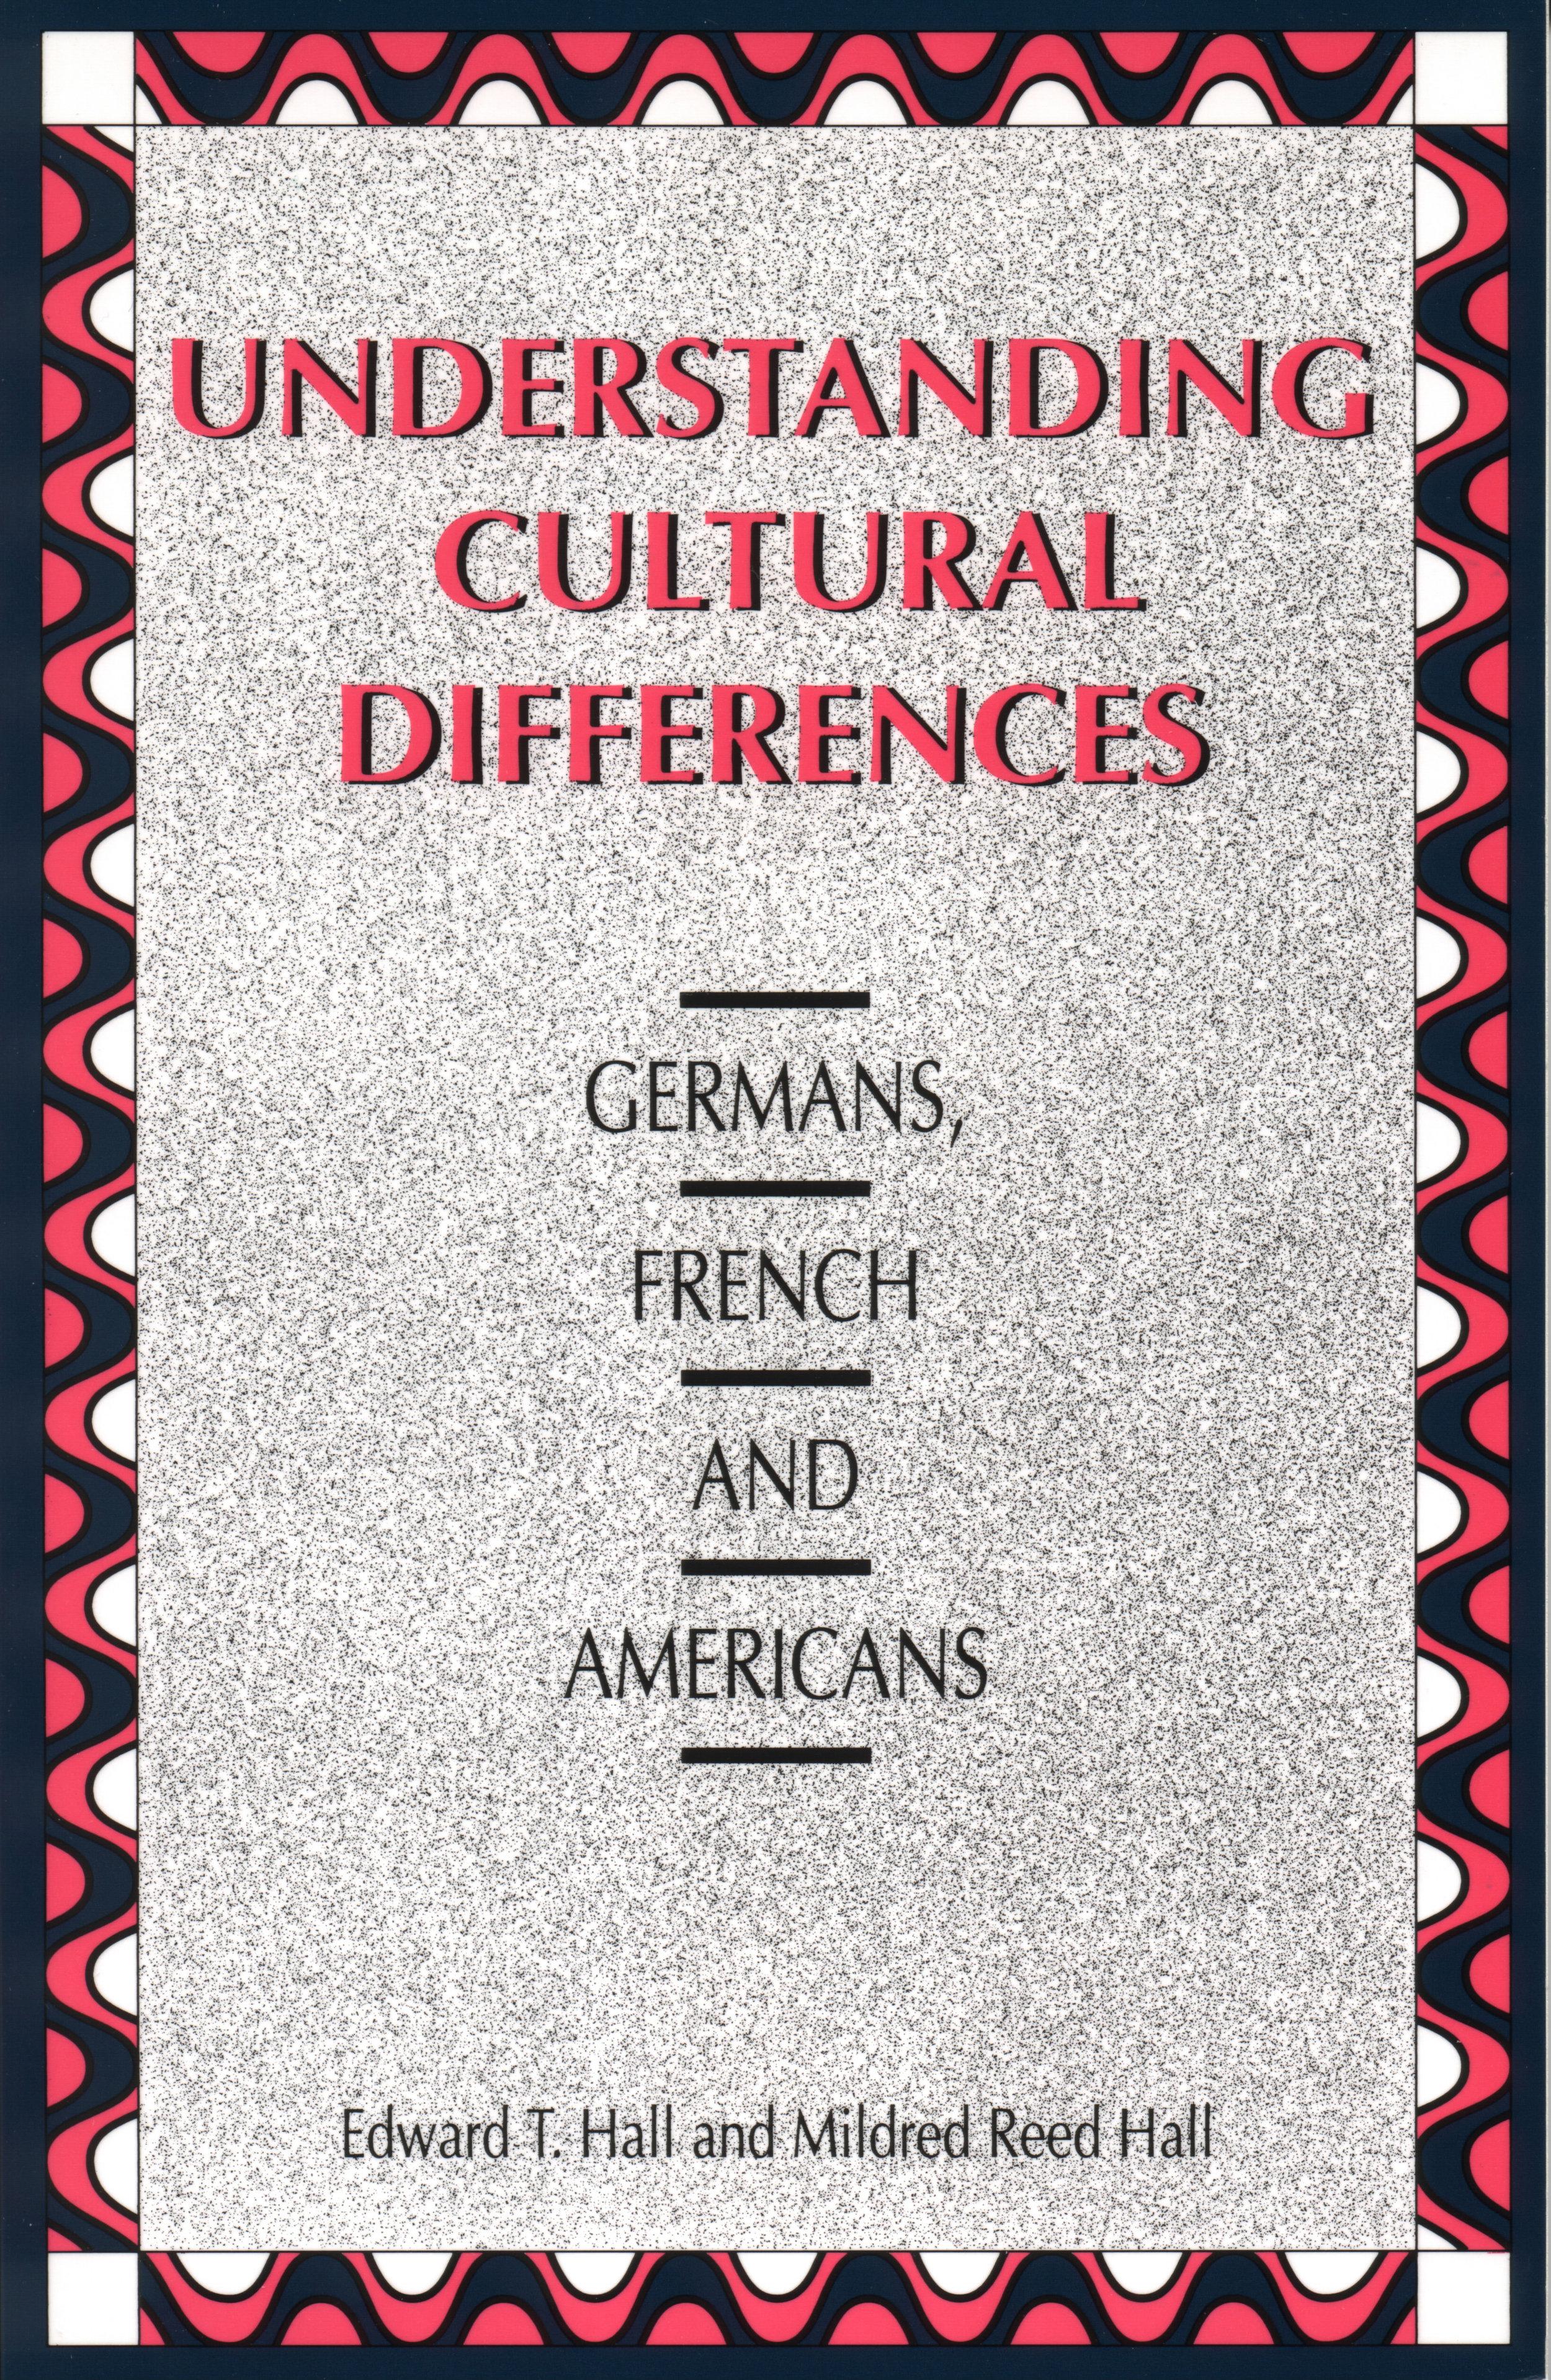 UnderstandingCulturalDifferences hi-res.jpg